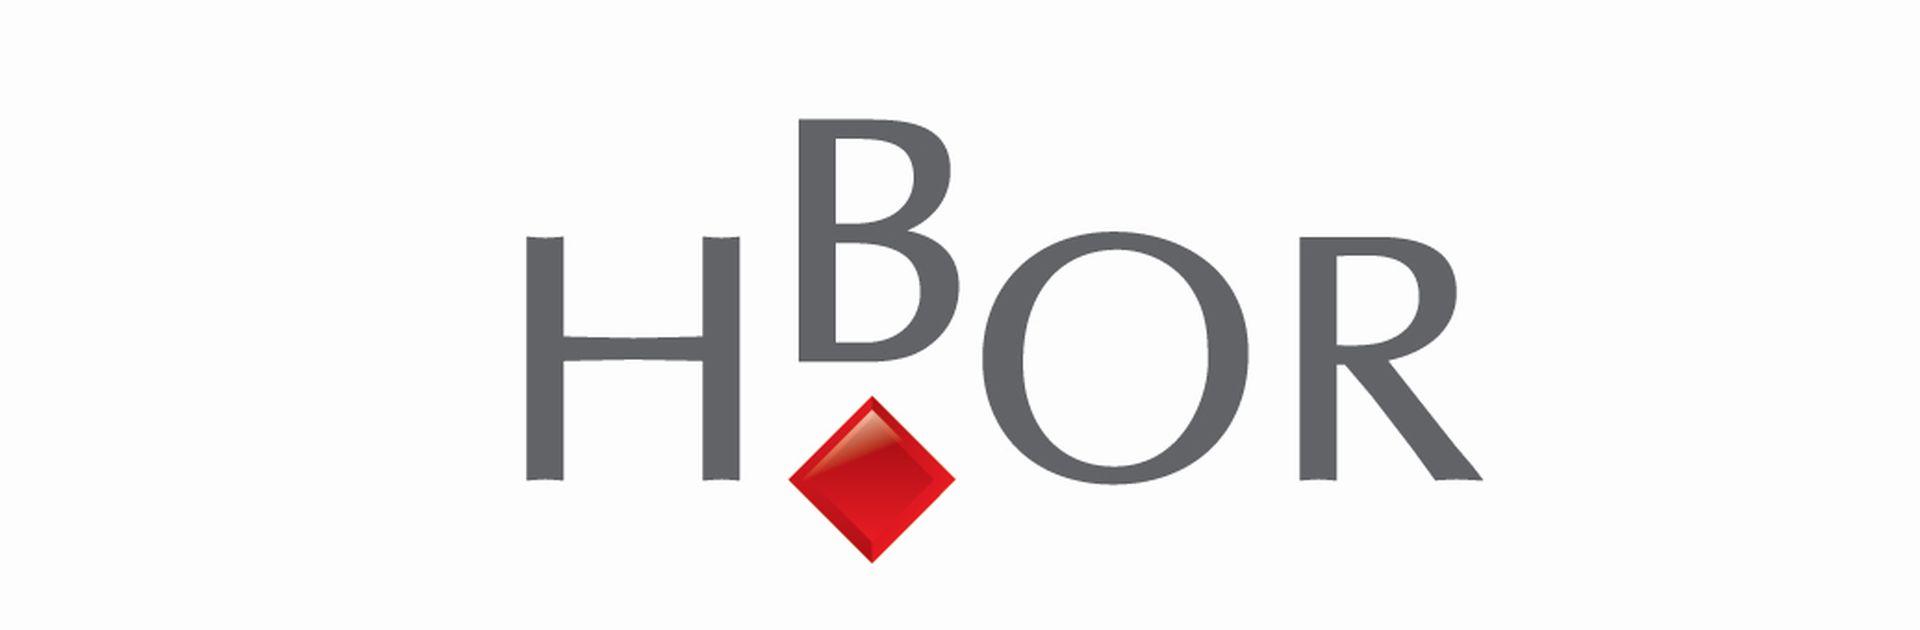 AGROKOR HBOR: U proteklih 10 godina koncernu odobreno više od 900 mln kn kredita